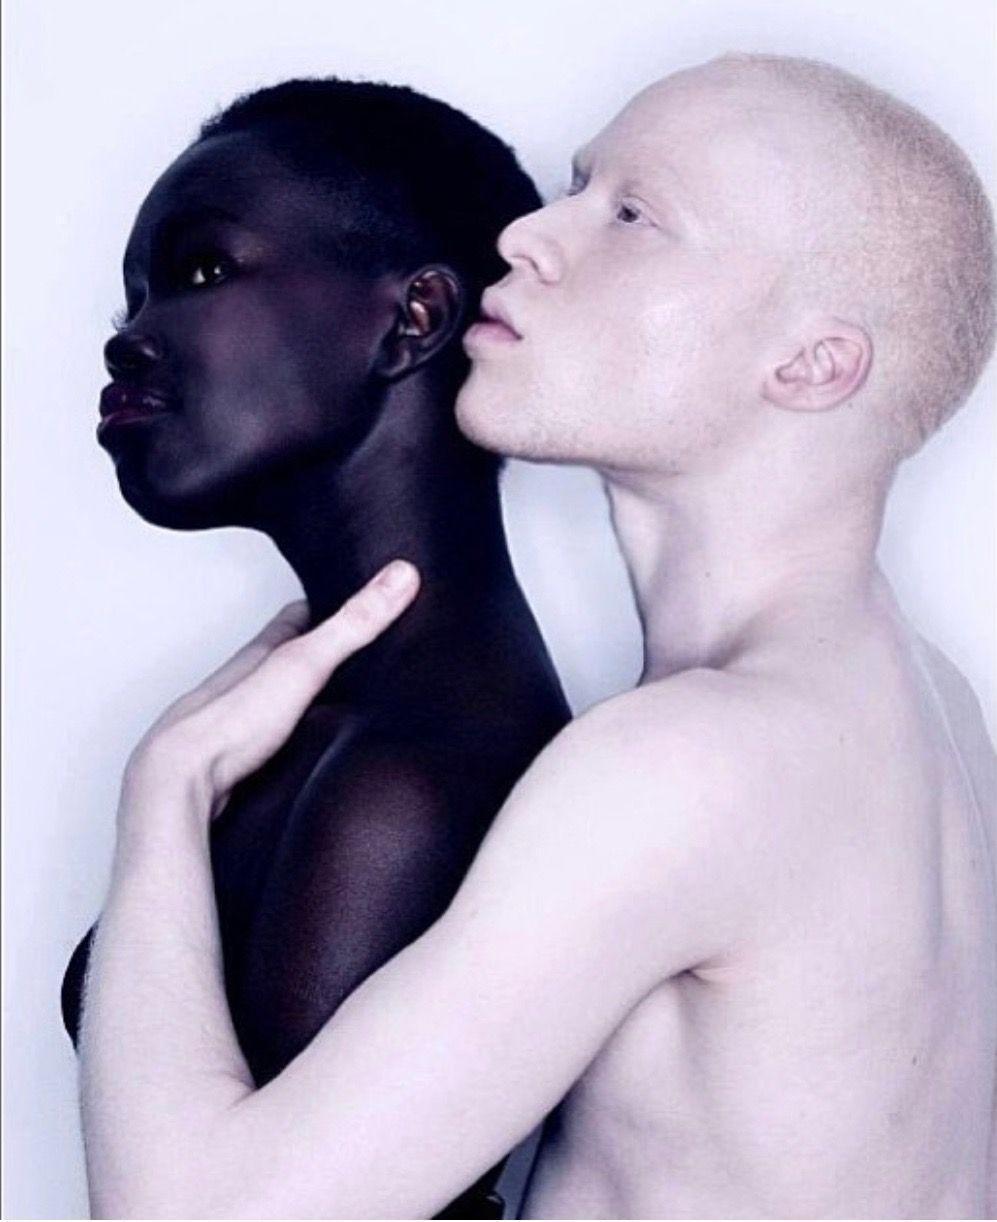 Weißer mann aus schwarzen mädchen meinungen